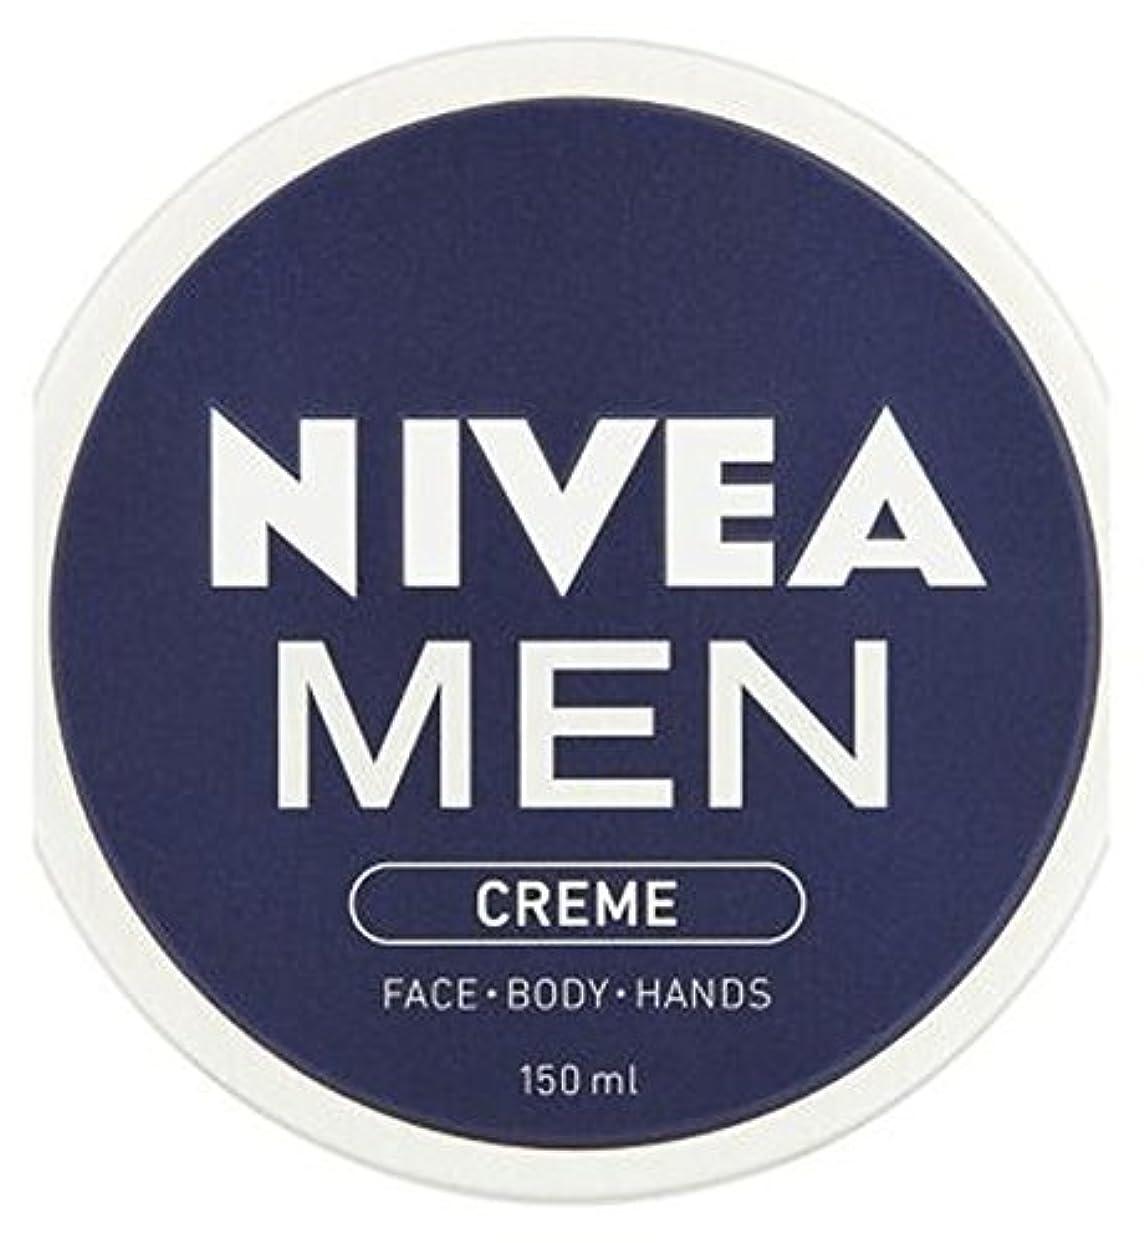 強調するバレエグラフNIVEA MEN Creme 150ml - ニベアの男性が150ミリリットルクリーム (Nivea) [並行輸入品]